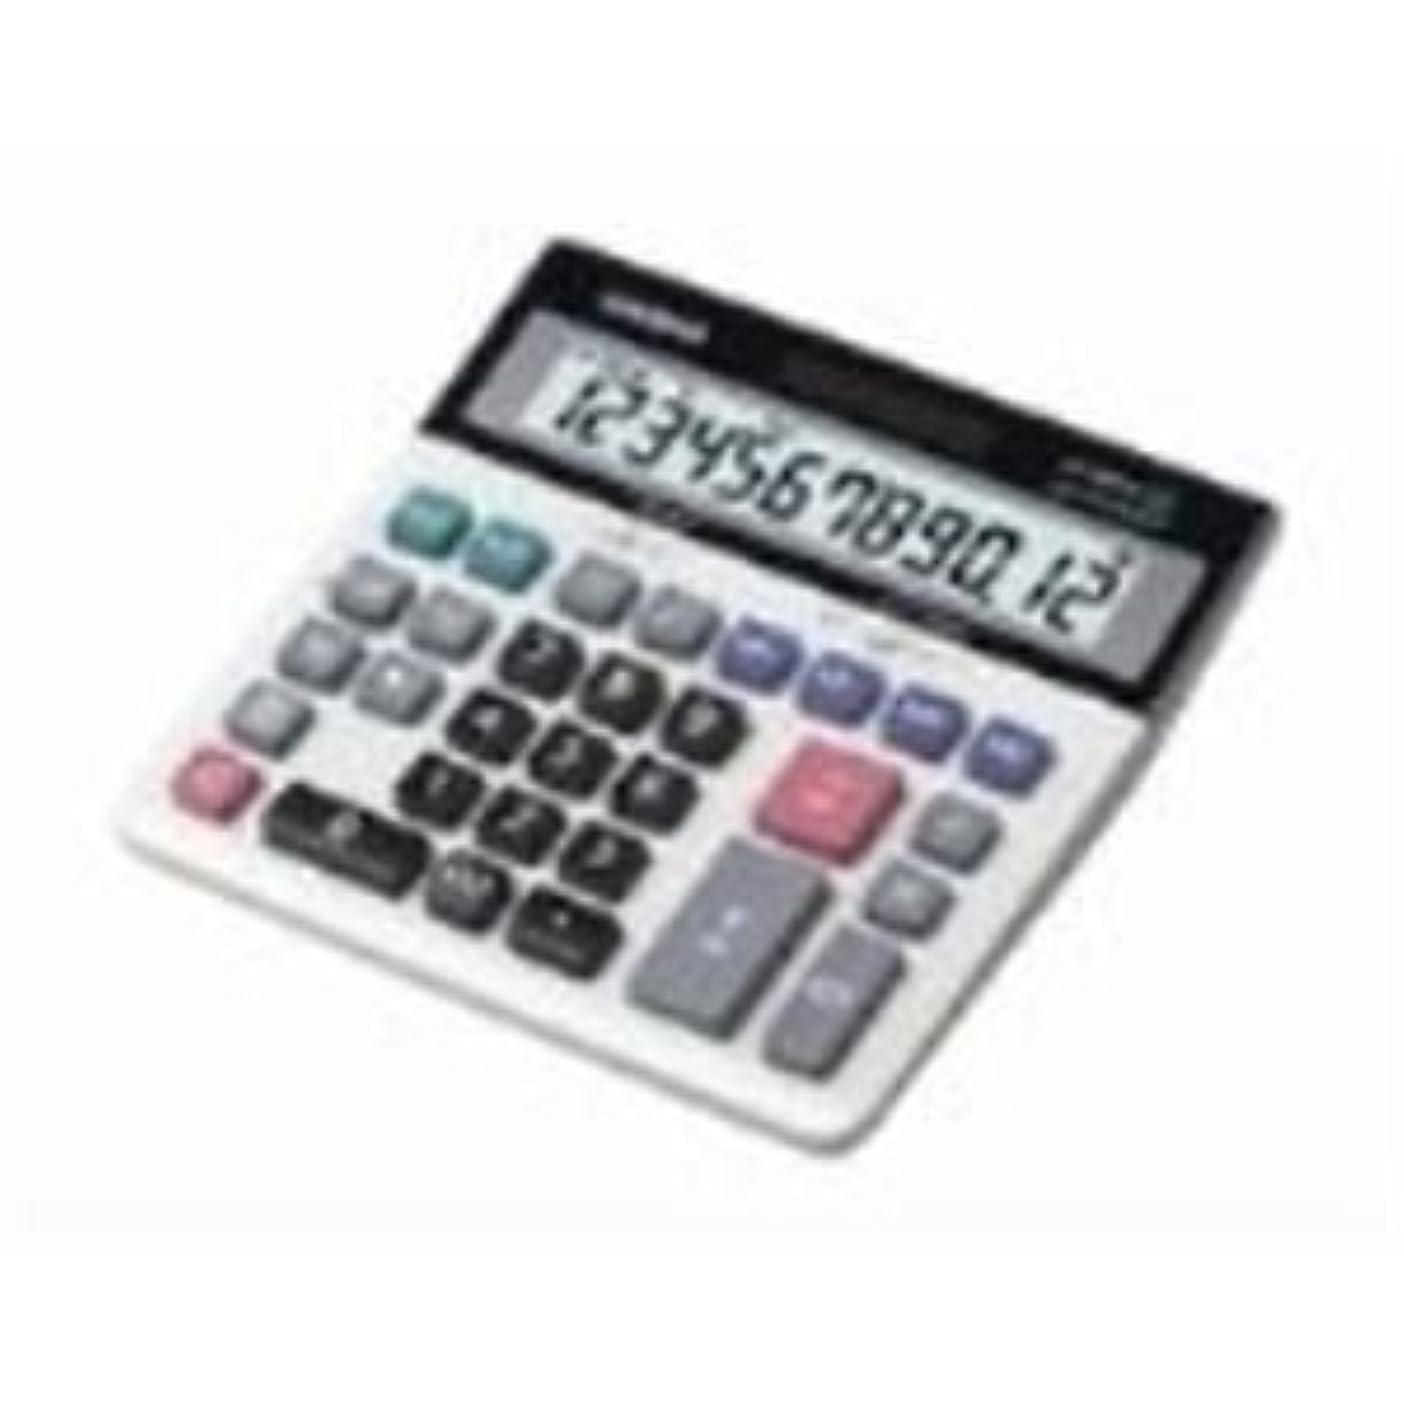 挨拶国ホステル(業務用2セット) カシオ計算機(CASIO) 特大表示電卓デスクタイプ DS-120TW 12桁